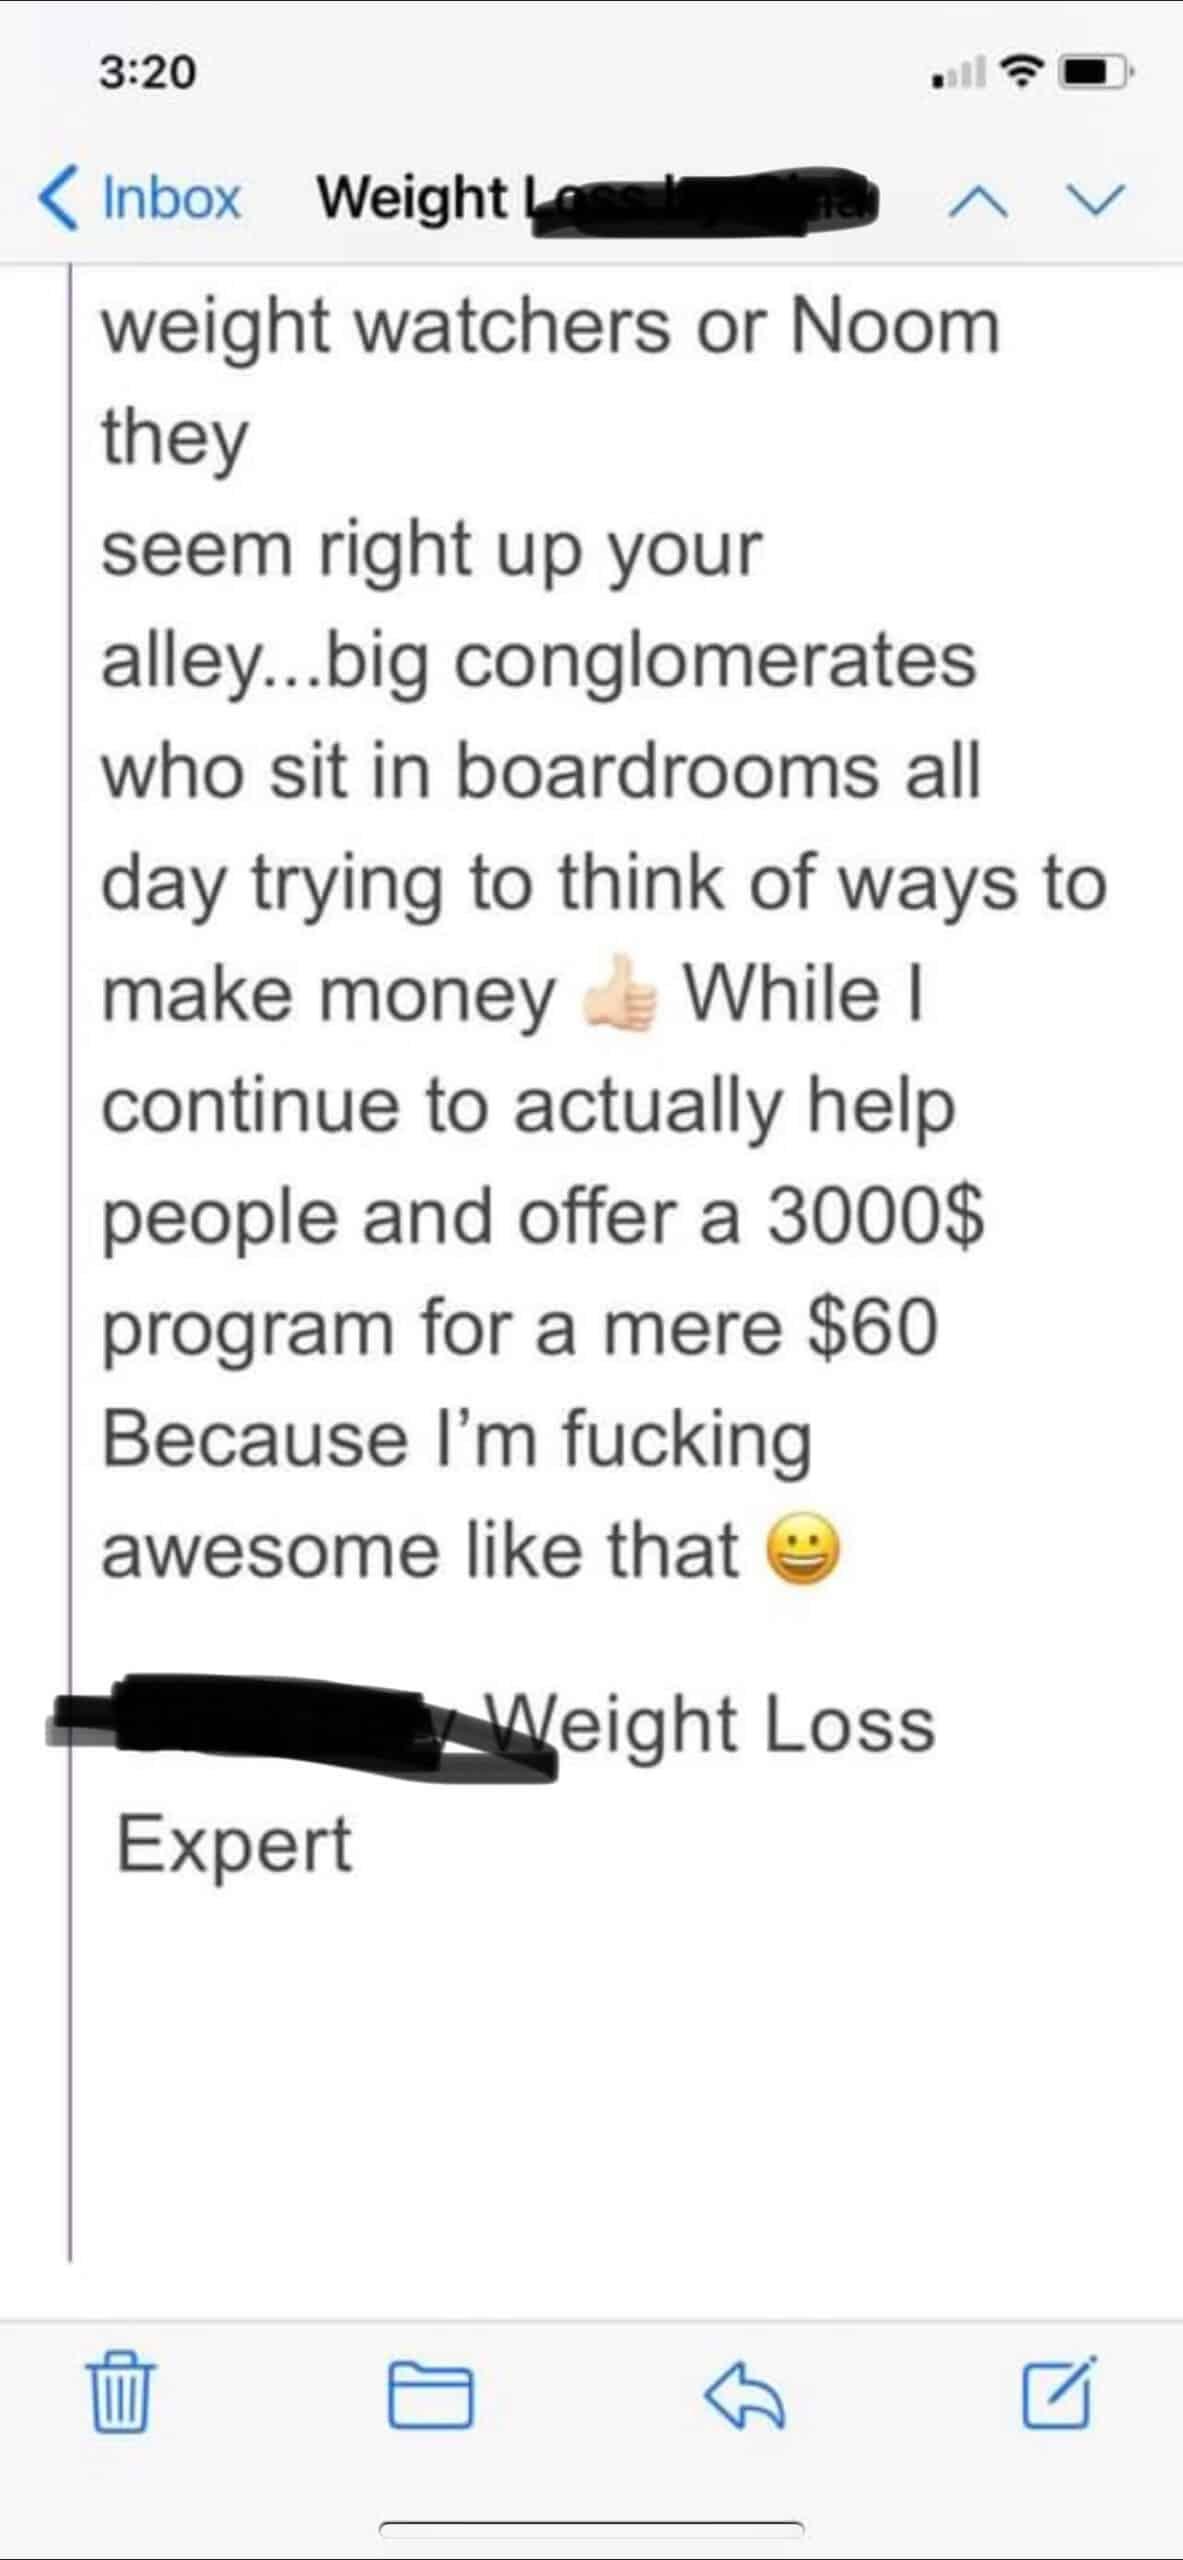 weight loss expert